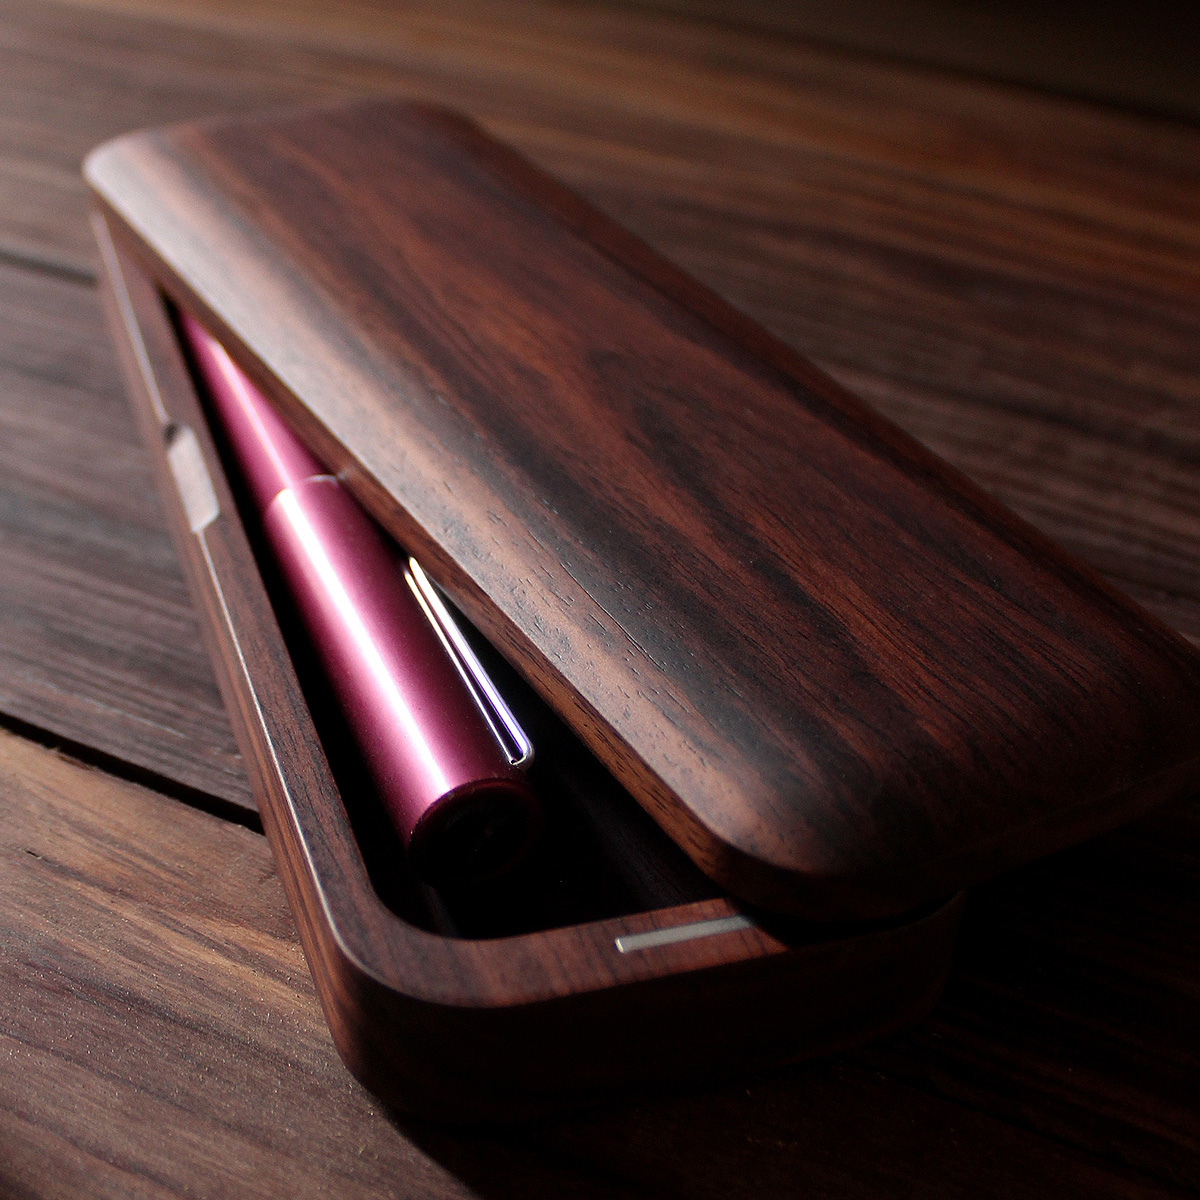 機能とデザイン性を備えたおしゃれな木製筆箱「Pen Case Gentle」